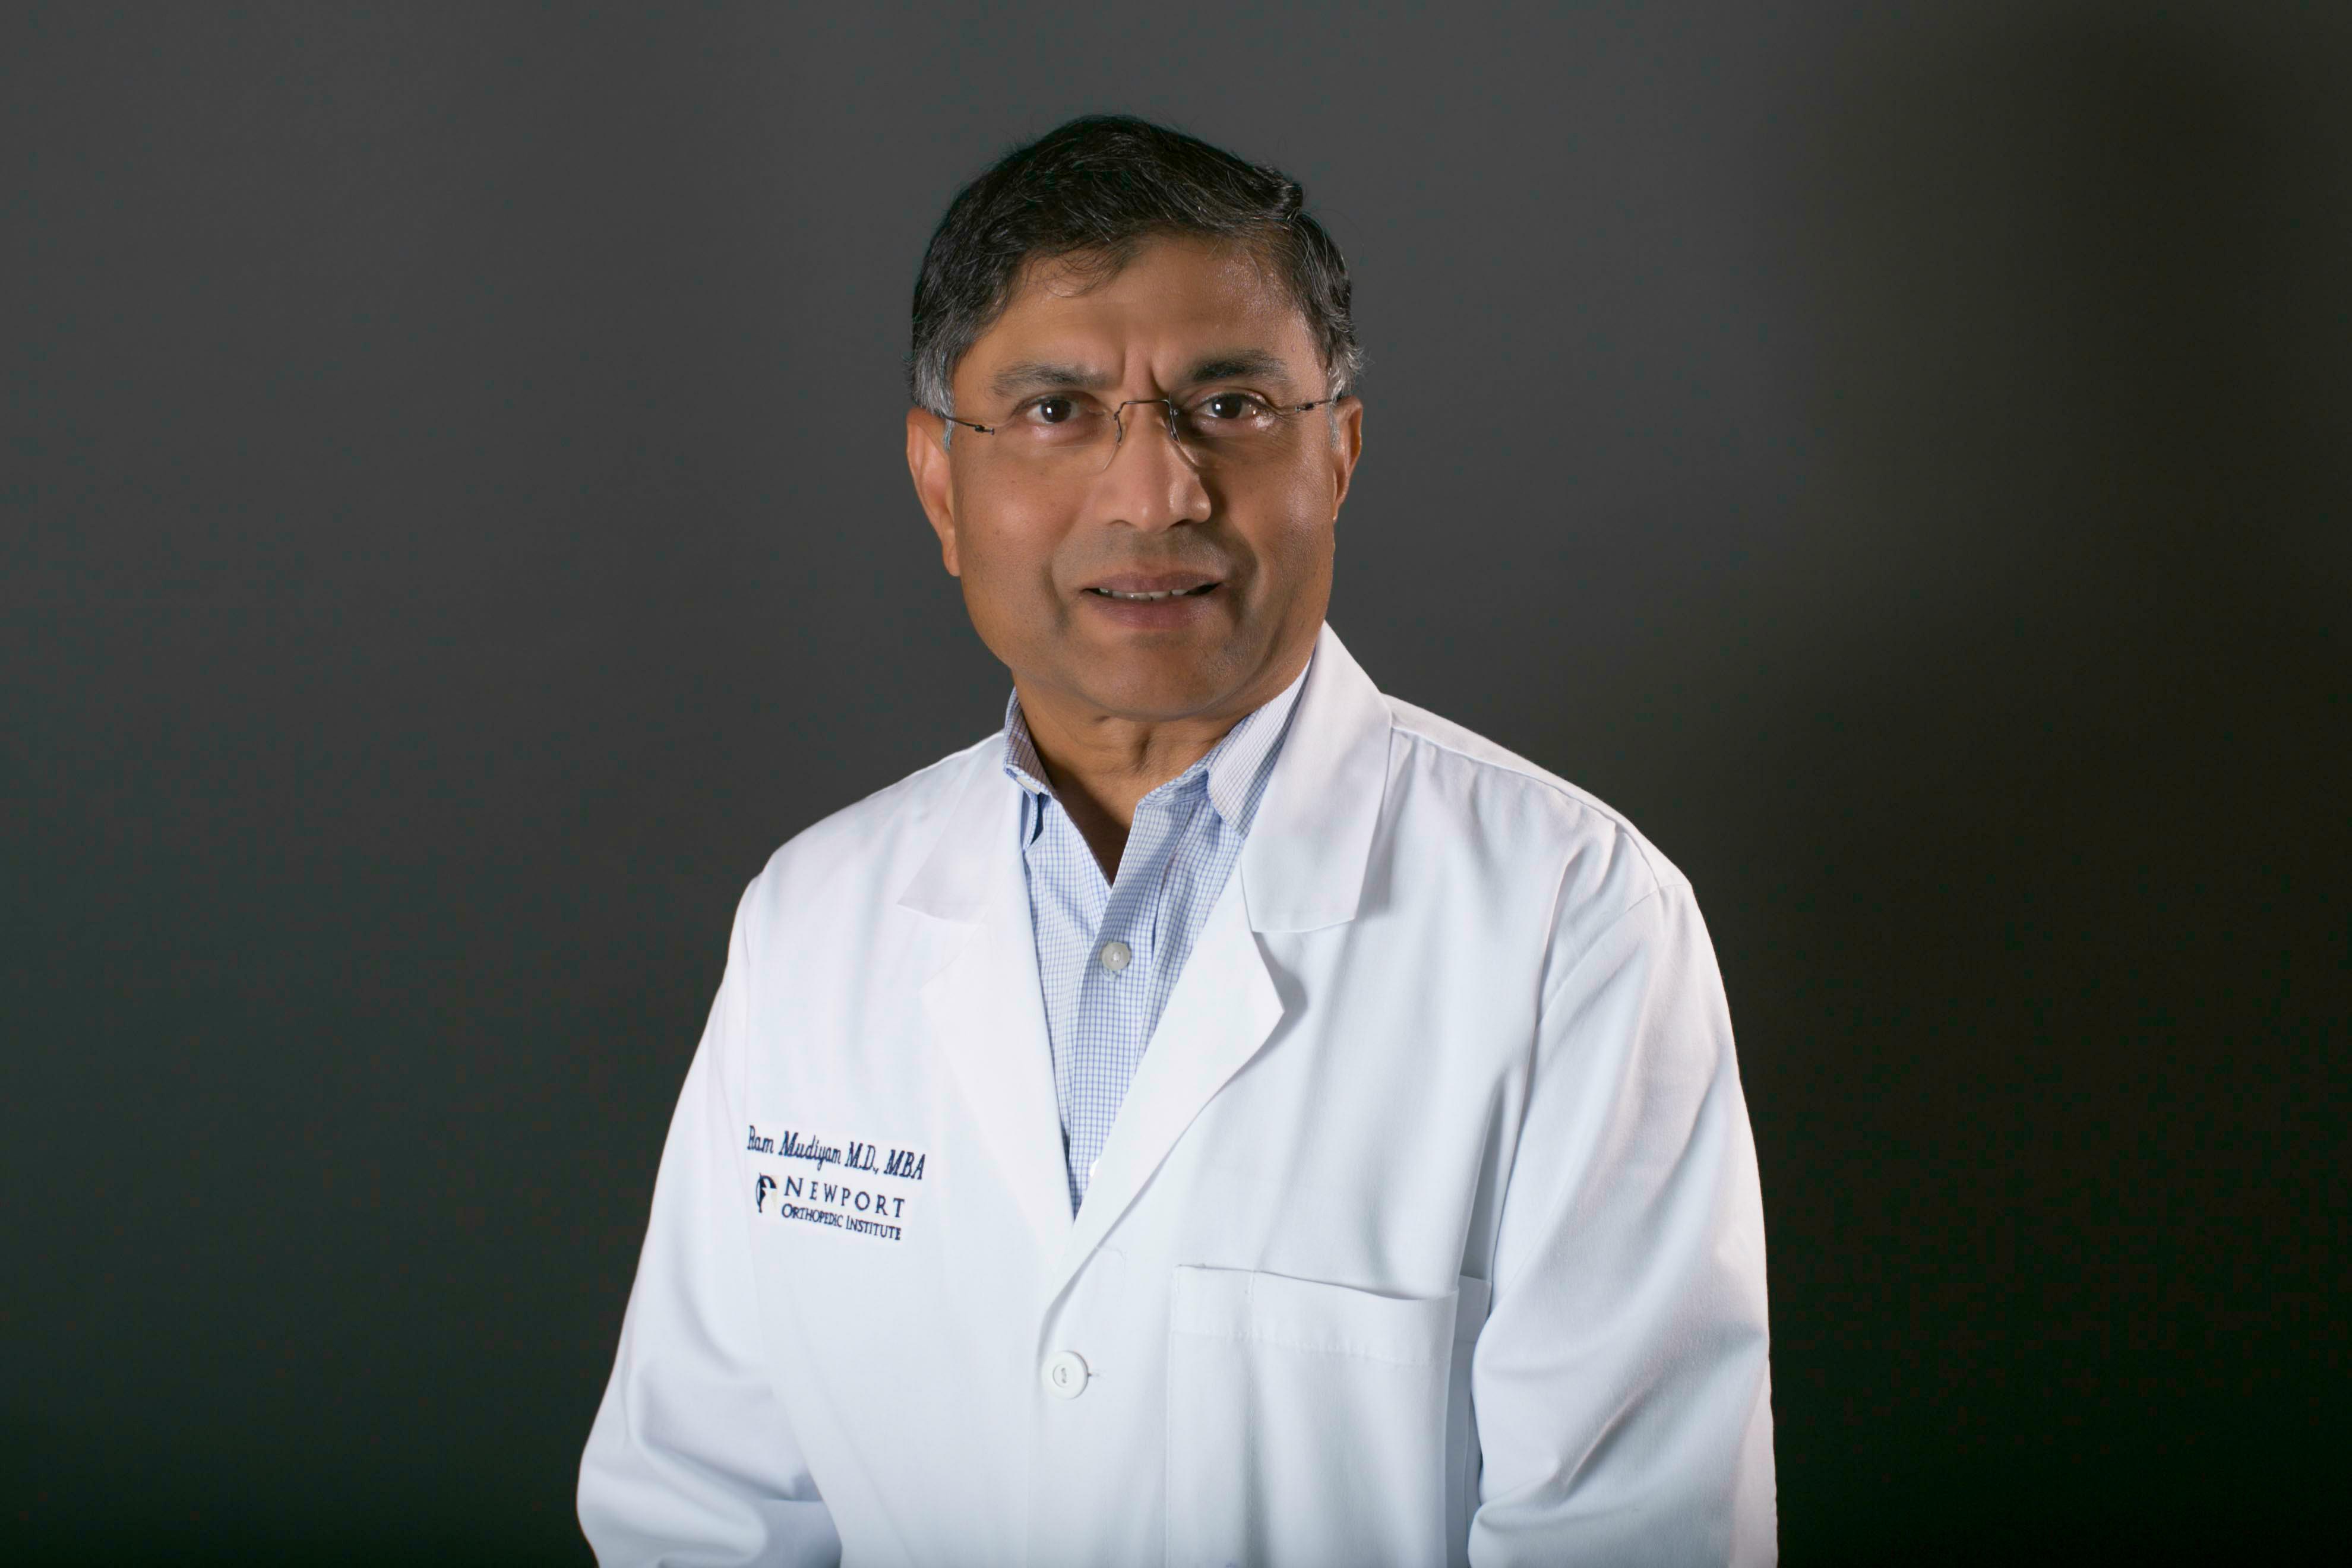 Ram Mudiyam MD, MBA   Orange County Orthopedic Services